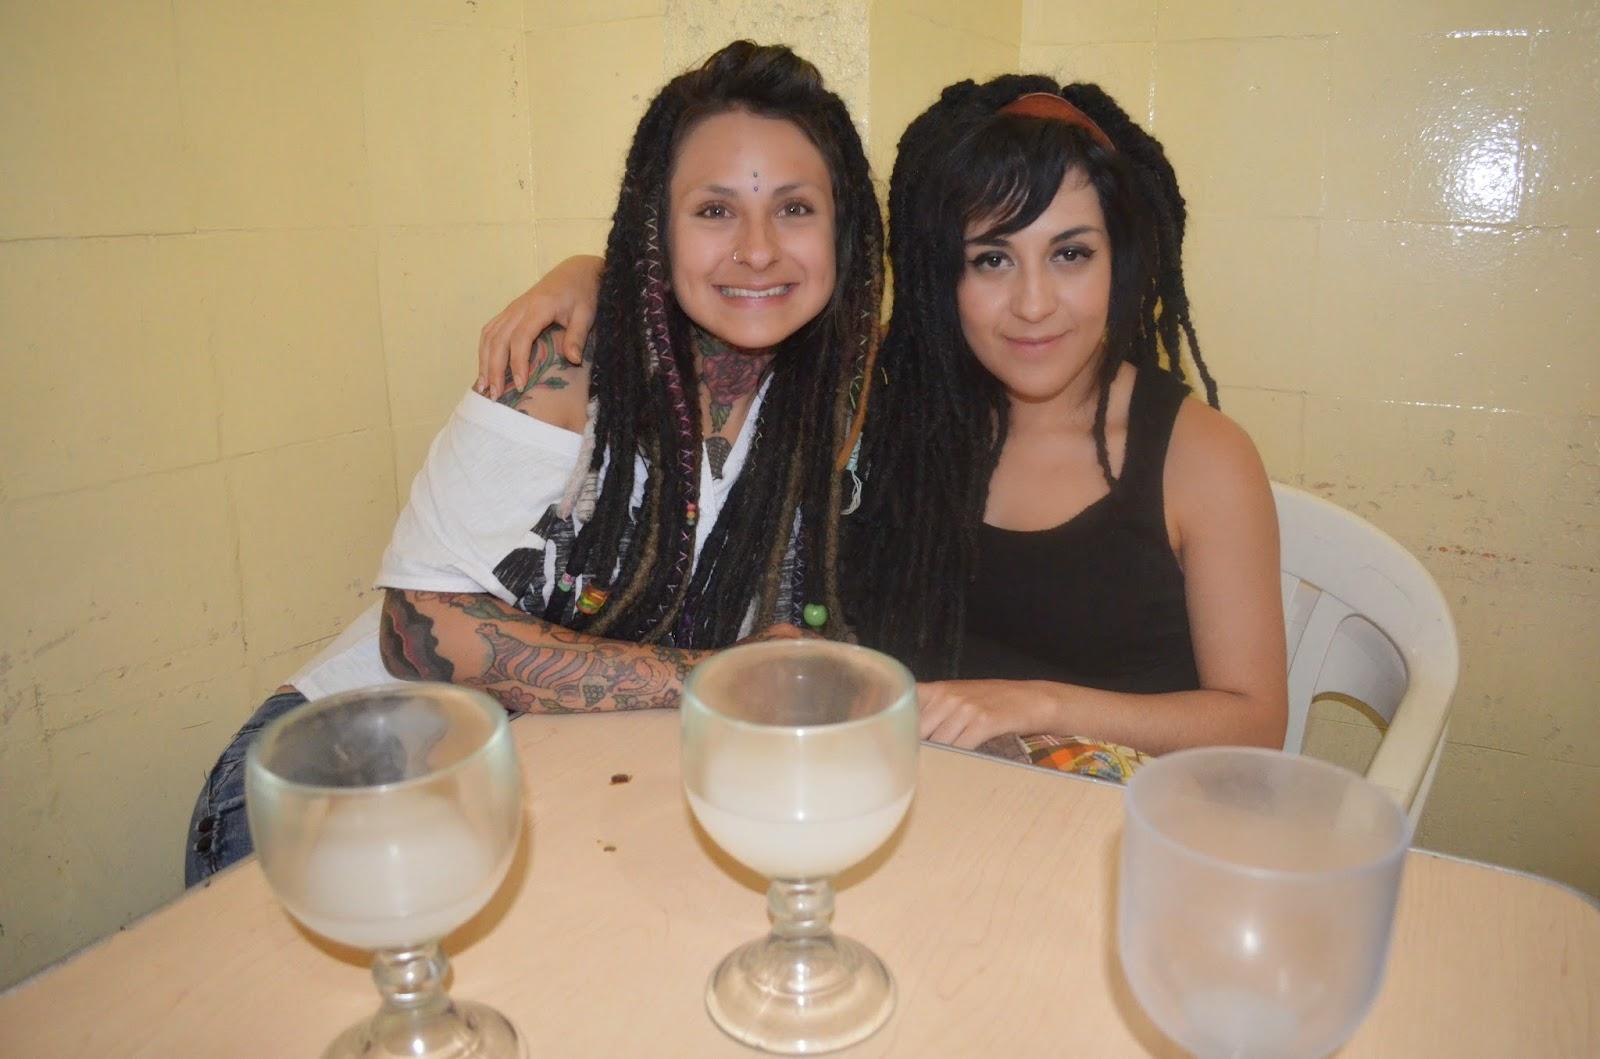 Anuncio de la reunión de mujeres en roma